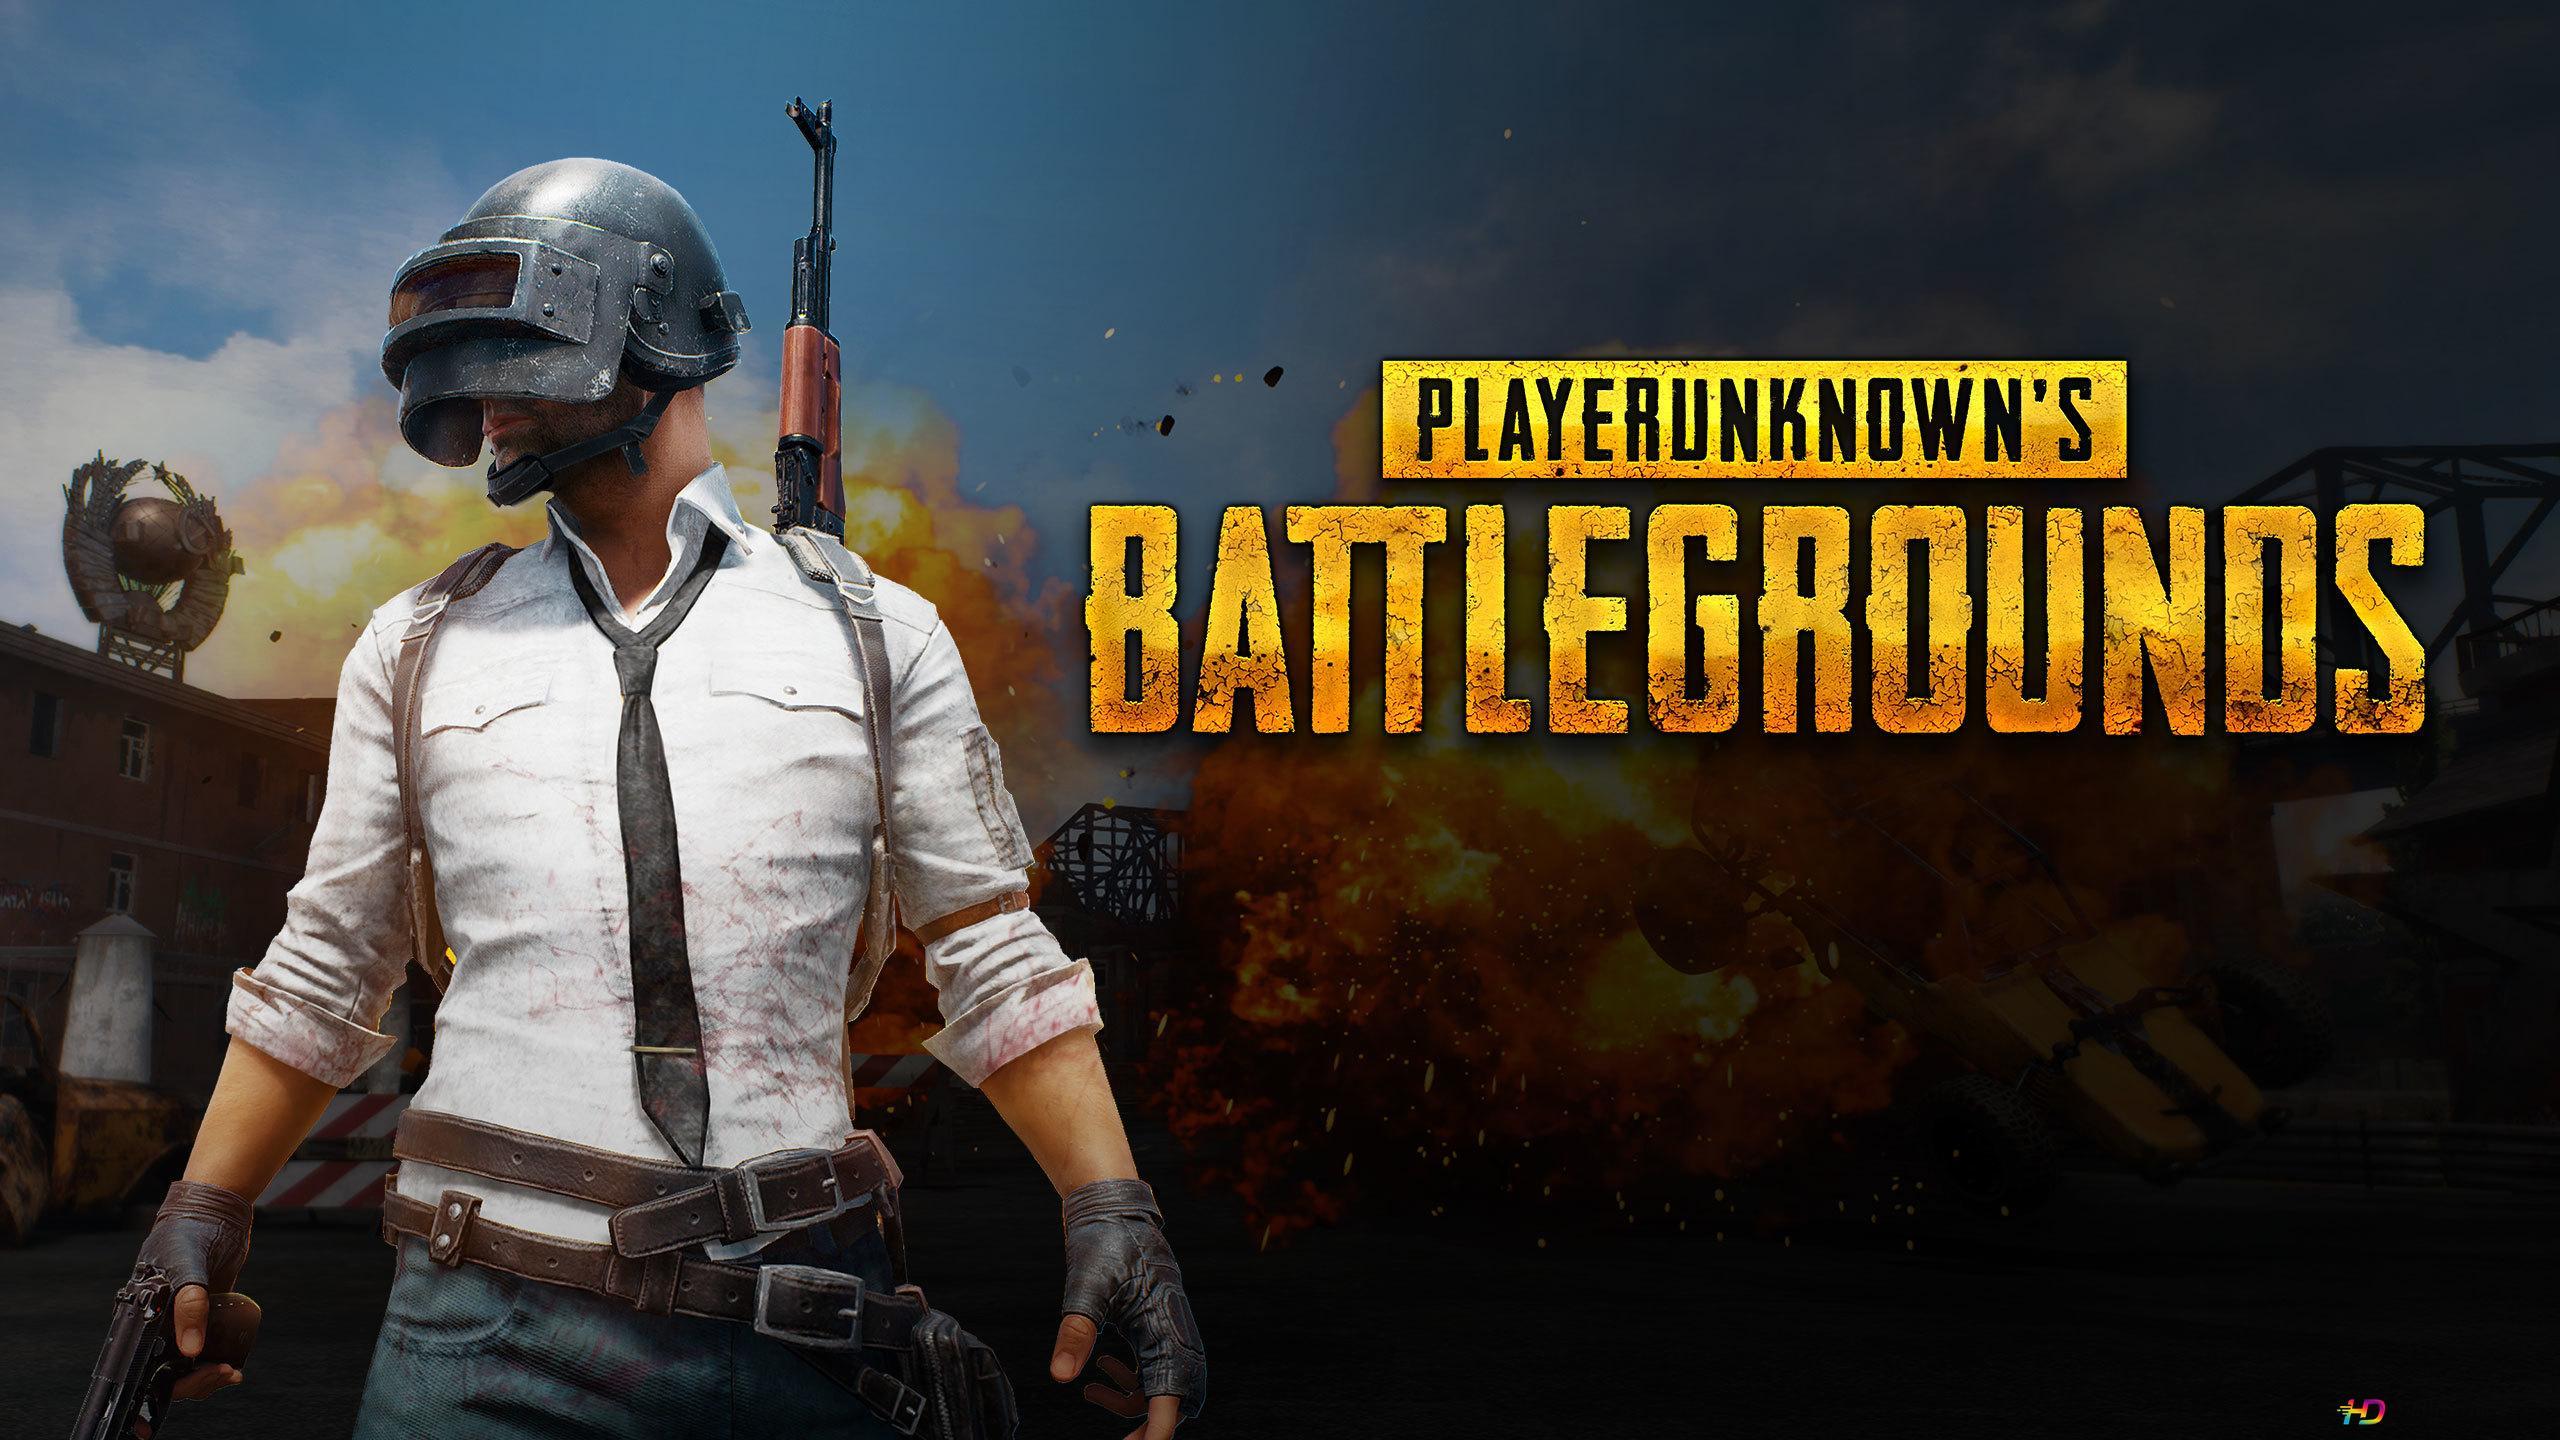 Pubg, Playerunknows Battlegrounds trực tuyến Tải xuống hình nền HD